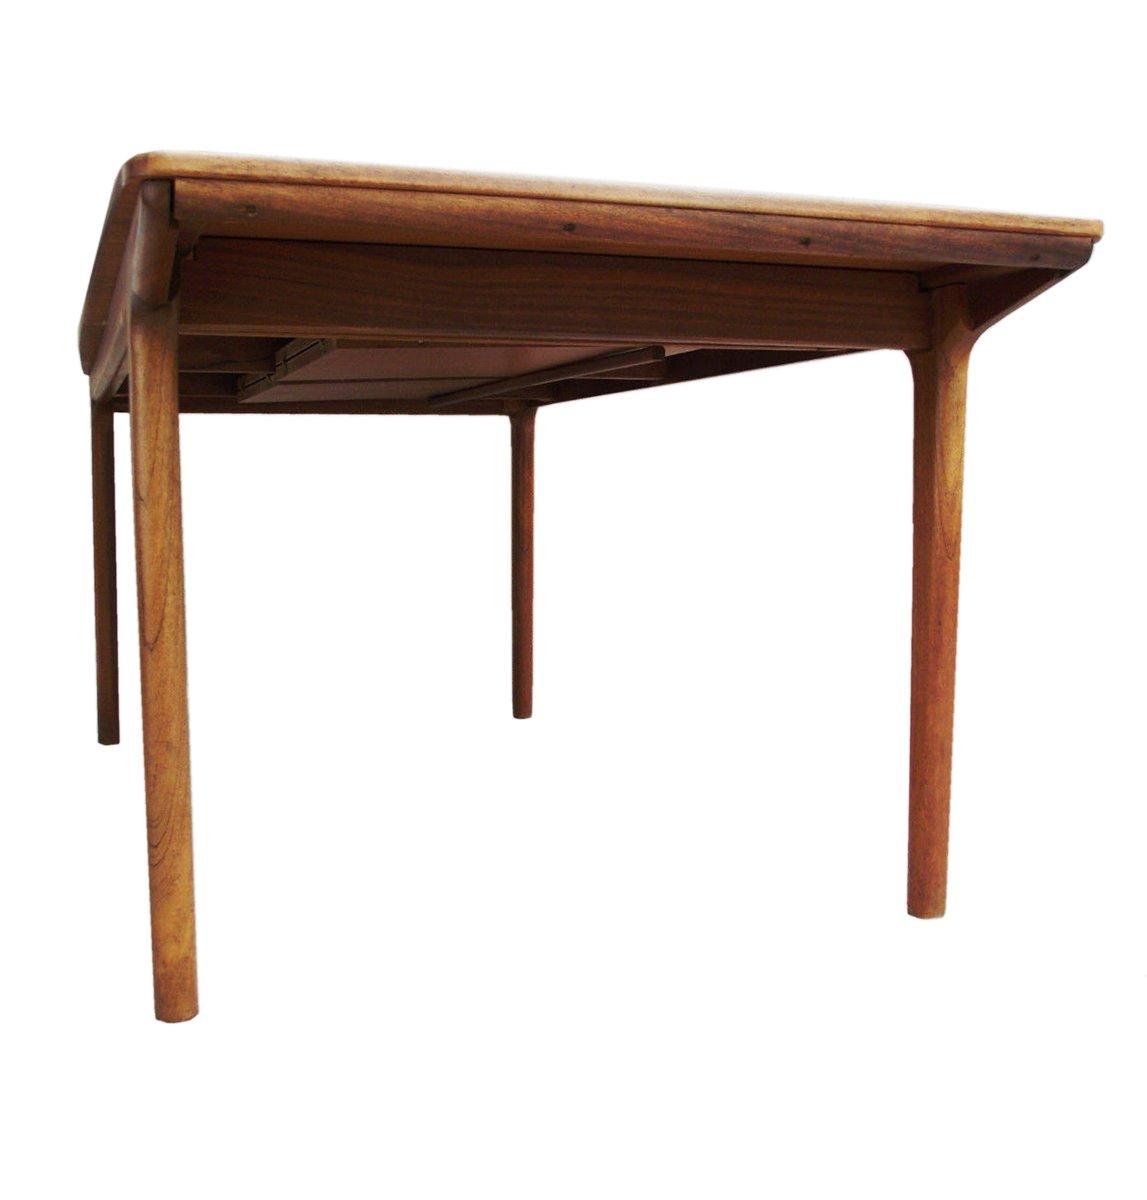 gro er mid century 12 sitzer esstisch aus teakholz von tom. Black Bedroom Furniture Sets. Home Design Ideas